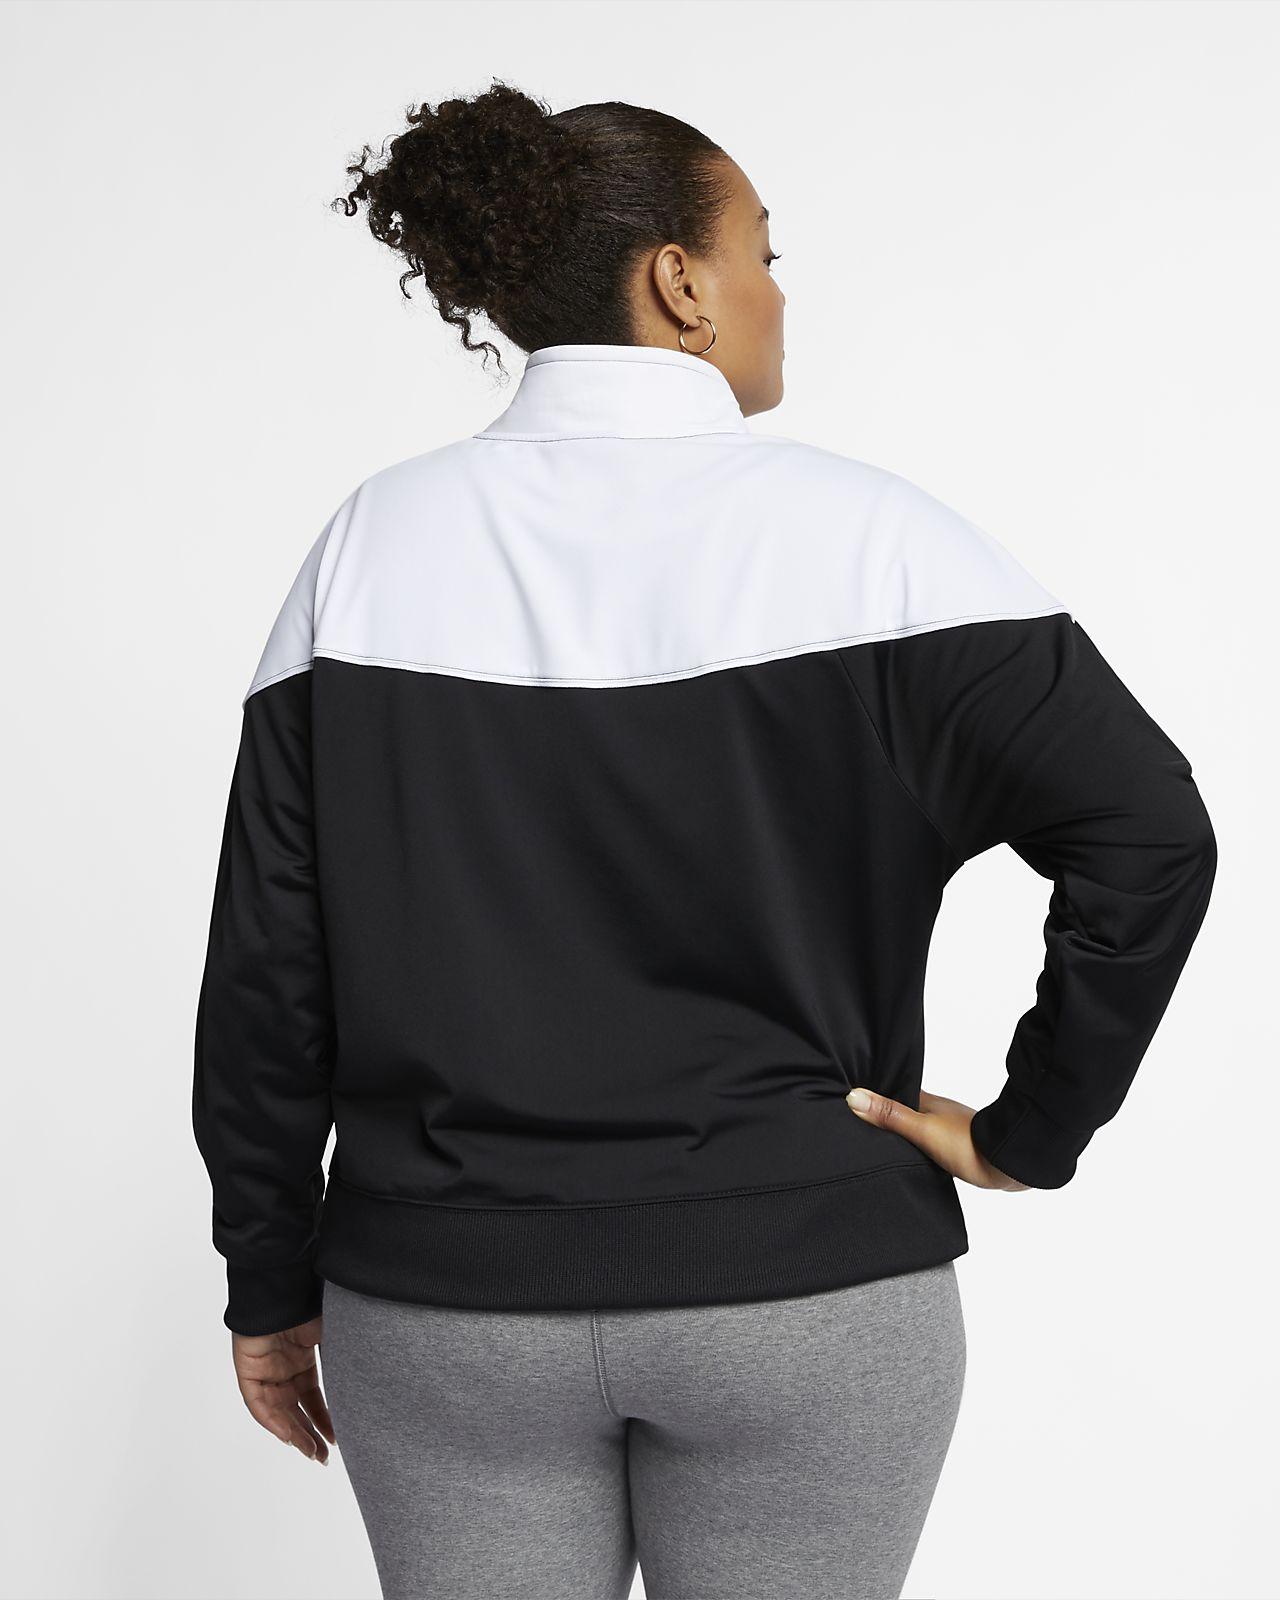 de0c547d5d ... Veste de survêtement Nike Sportswear Heritage pour Femme (grande taille)